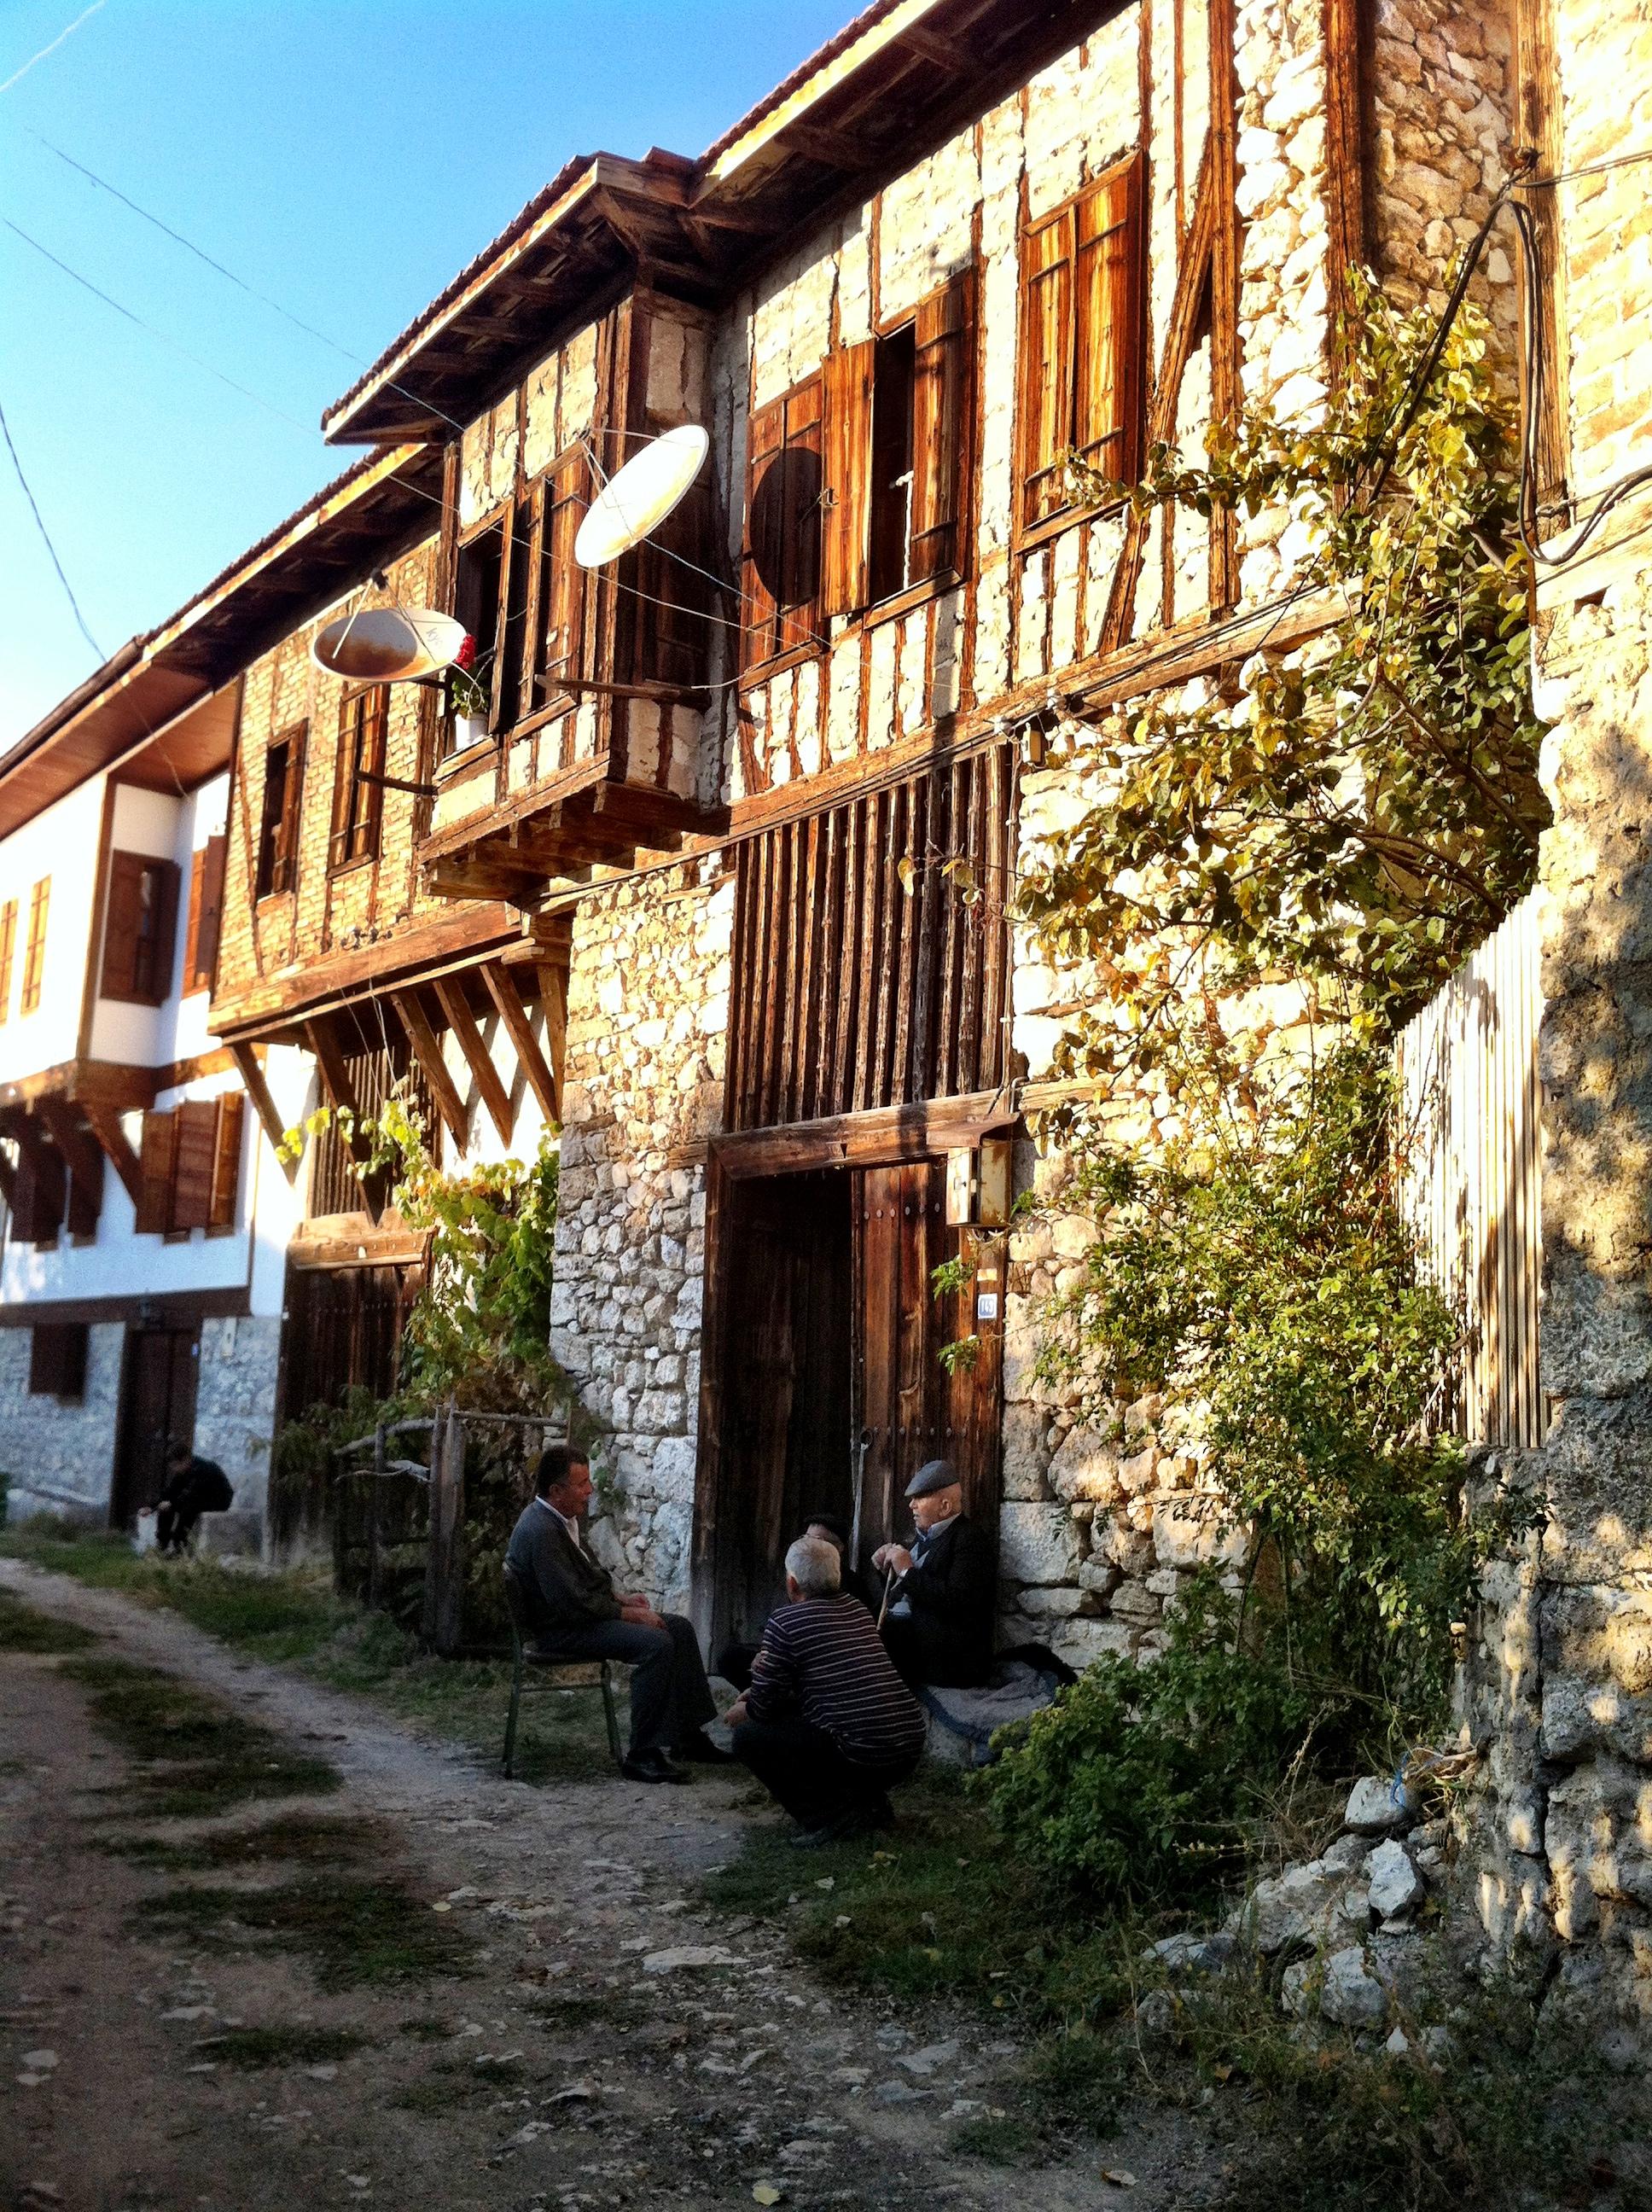 yörük_köyü_2013-10-15 17.18.32.jpg